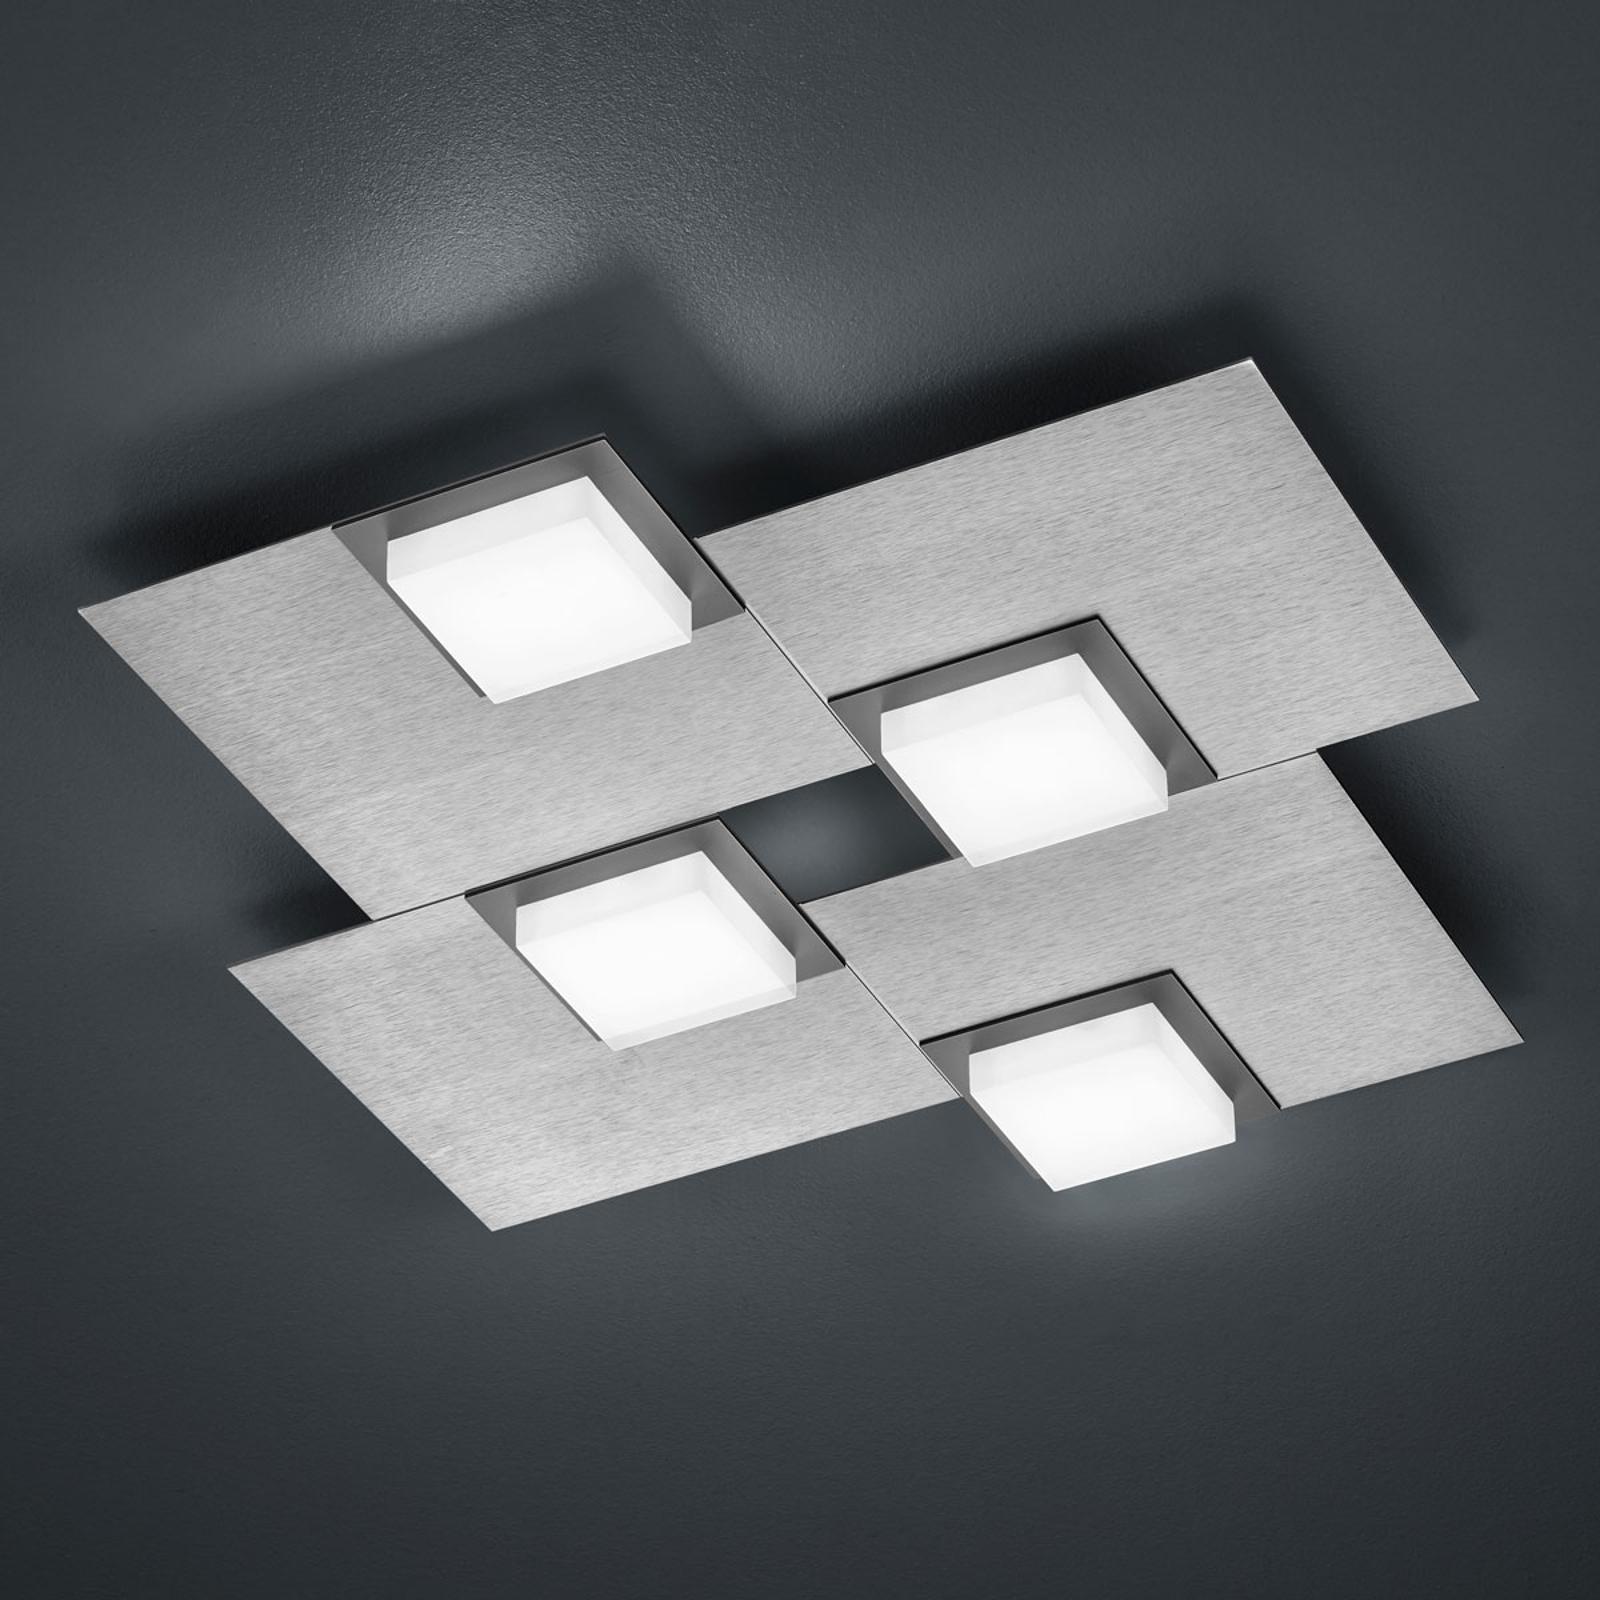 BANKAMP Quadro plafonnier LED 32W argenté